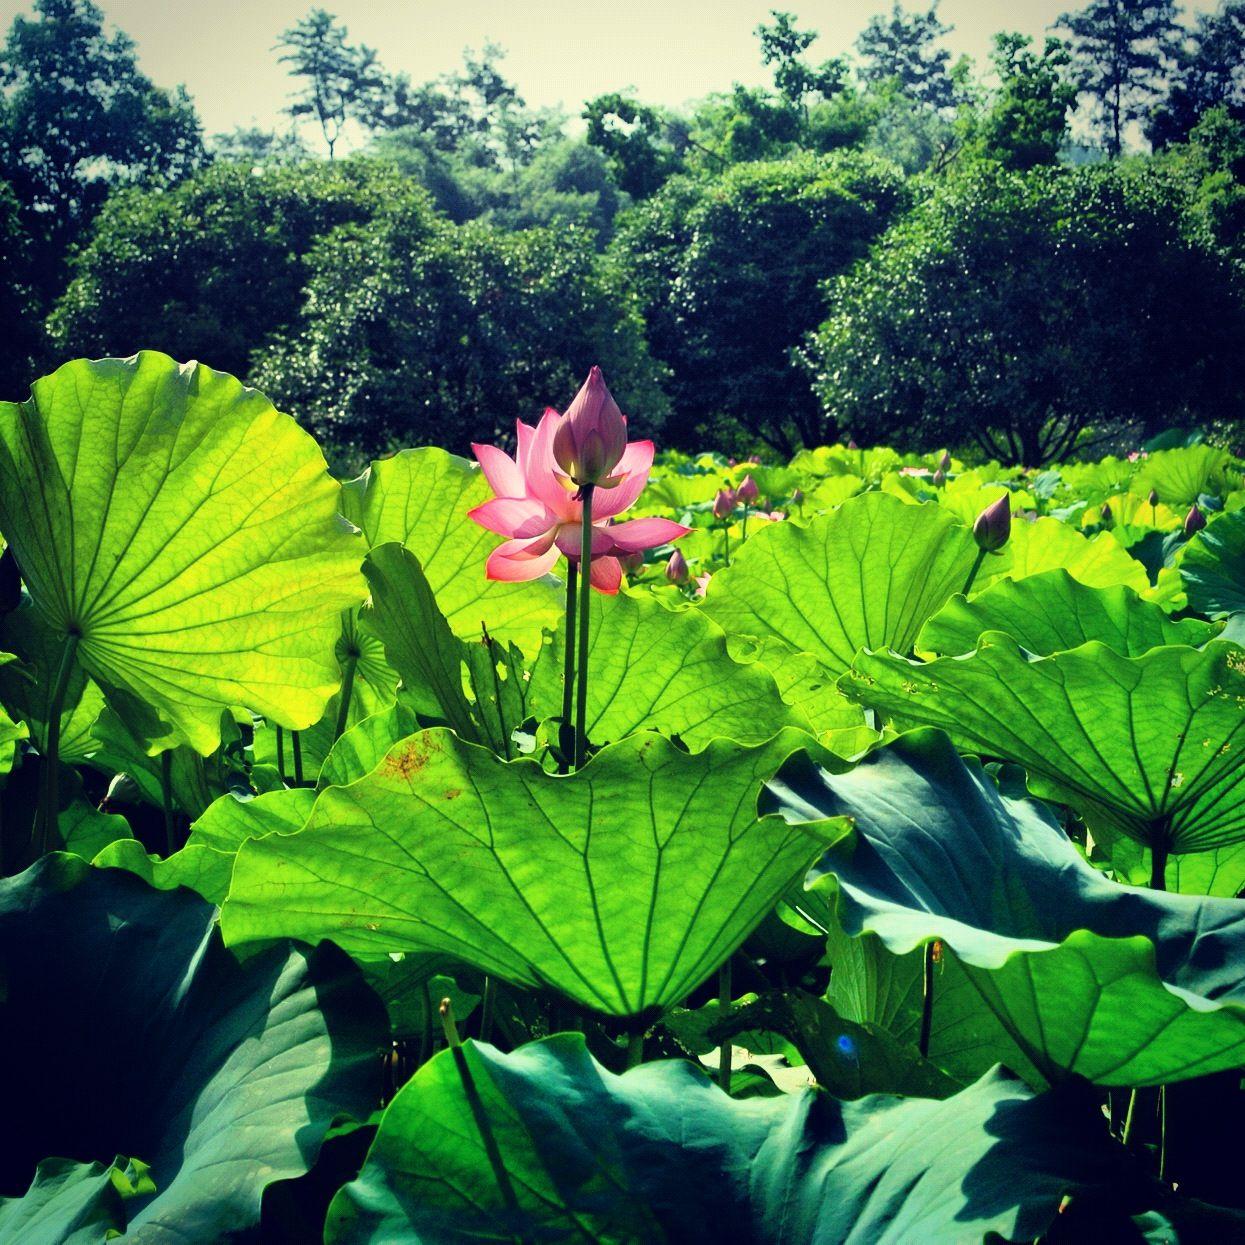 Lotus flowers at the big banyan tree yangshuo china flowers lotus flowers at the big banyan tree yangshuo china flowers lotus izmirmasajfo